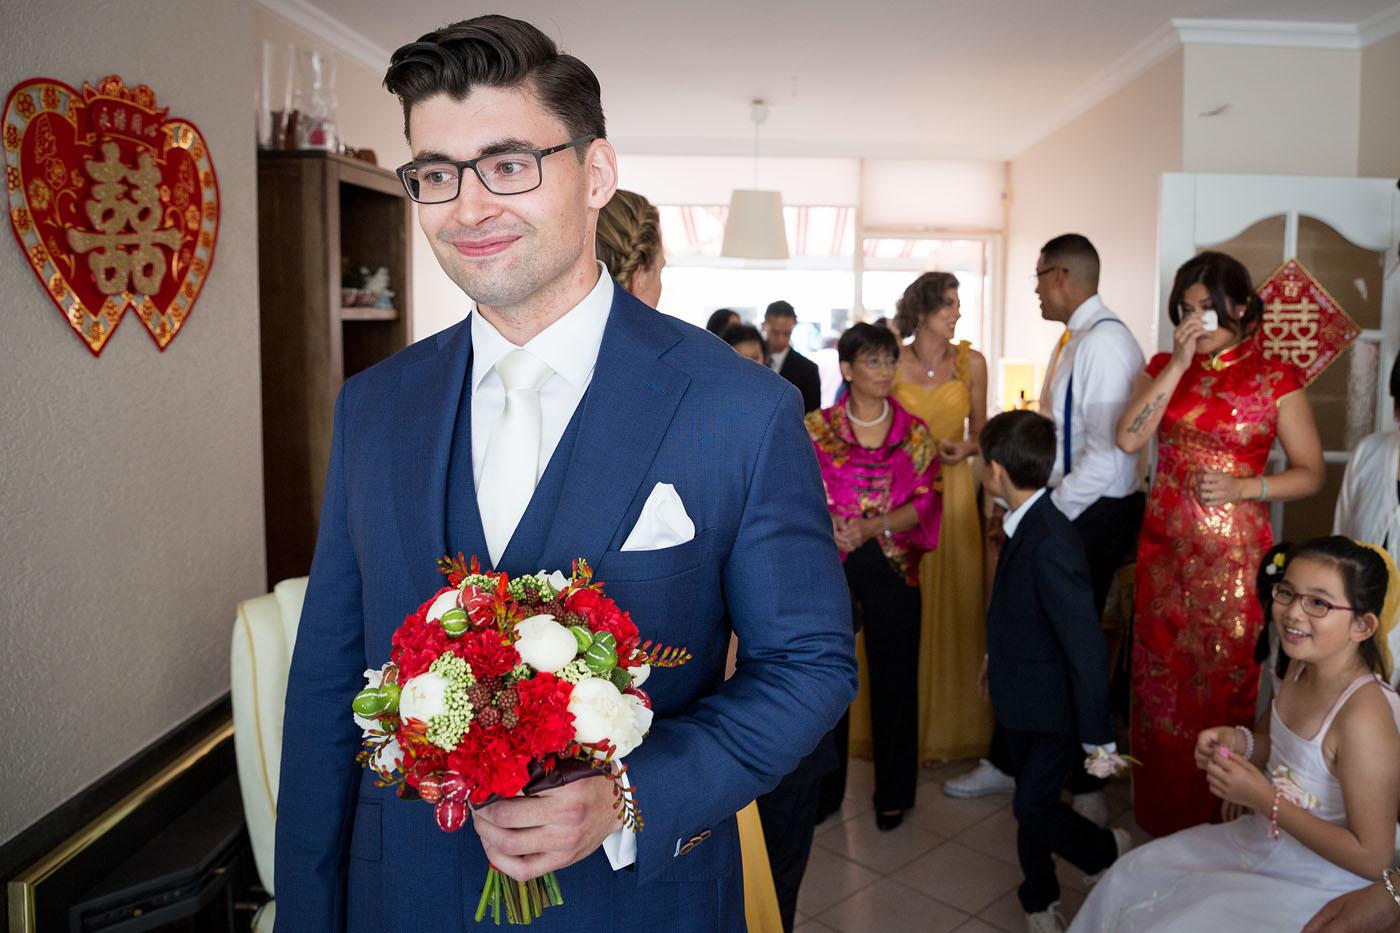 bruiloft-wedding-trouwen-fotograaf-chinees-bobhersbach-rotterdam-emotie